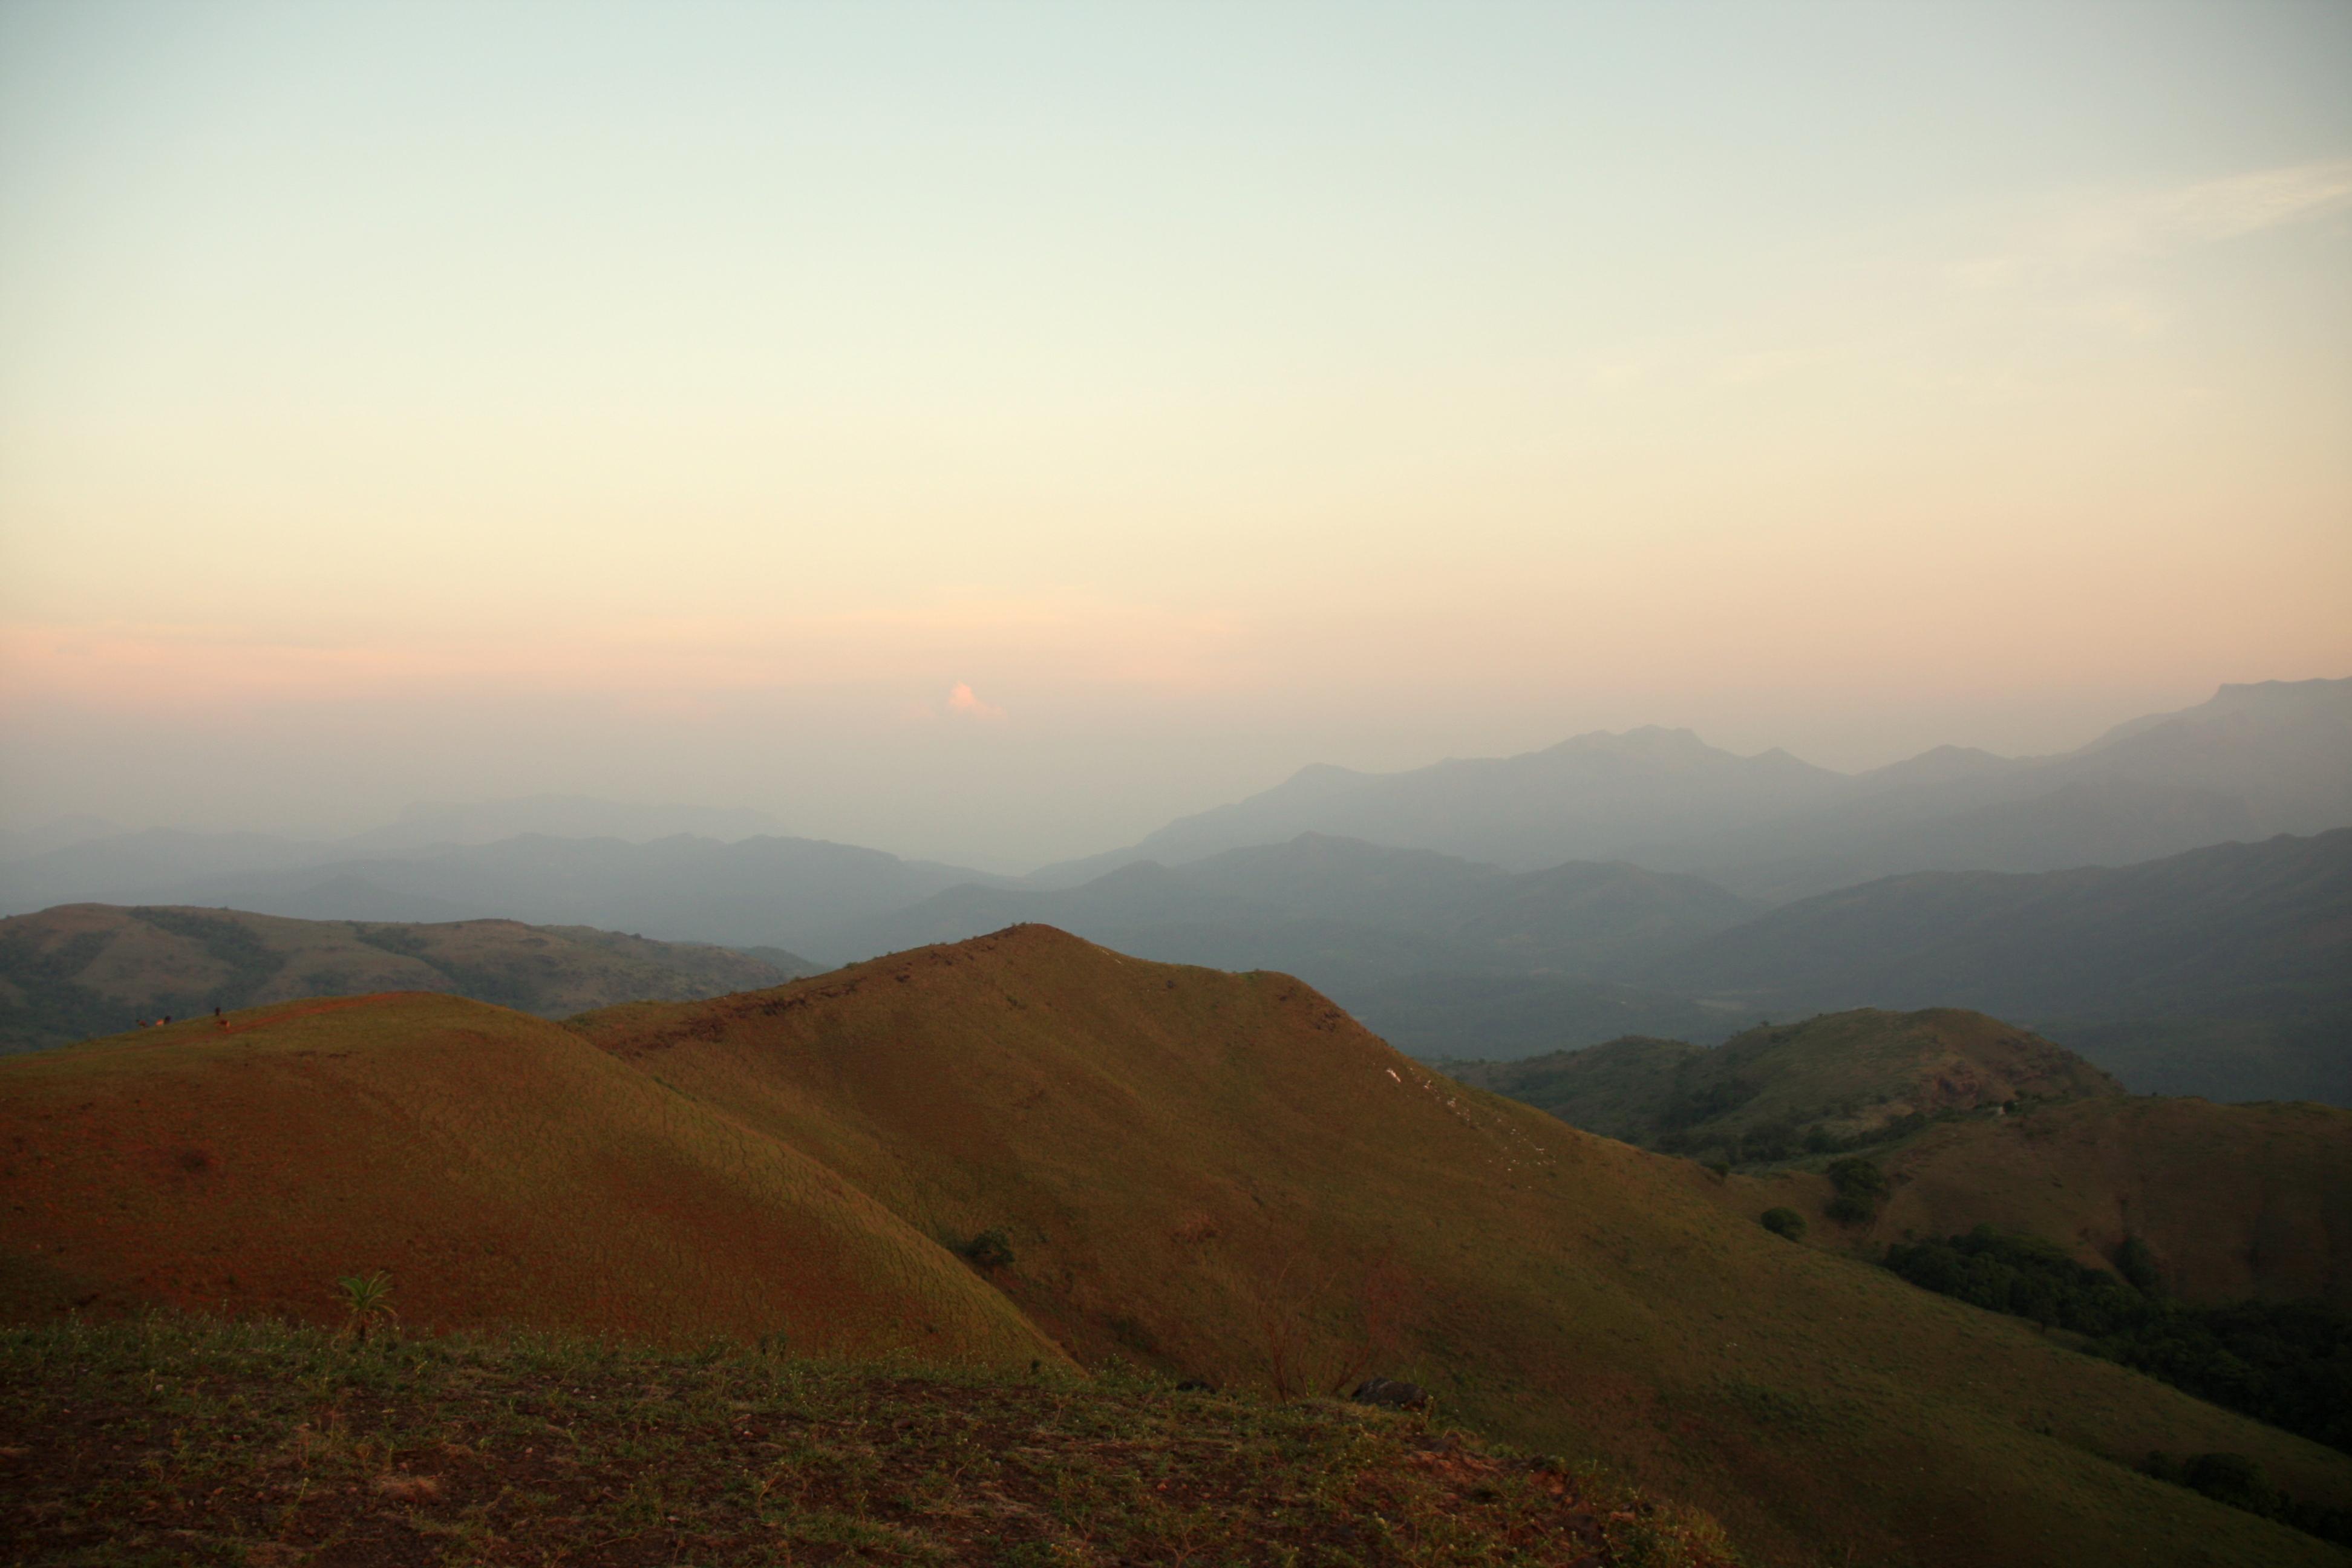 Sunset at Kyatanamakki